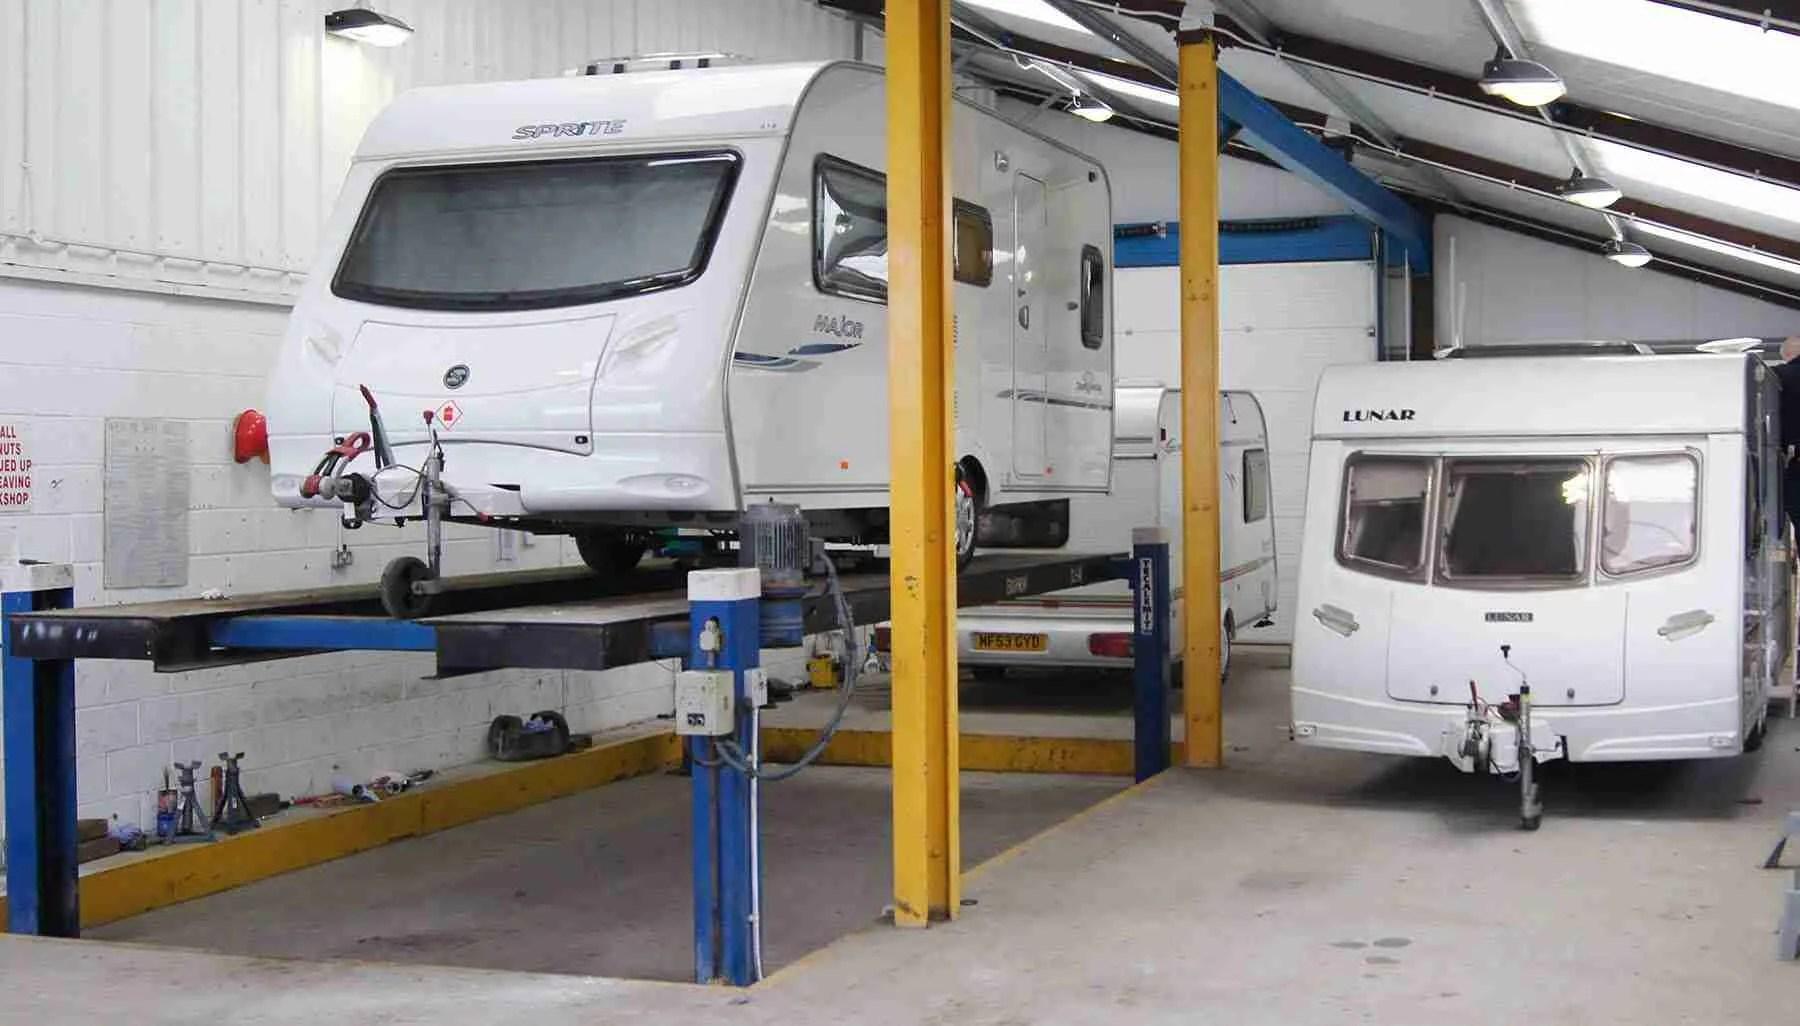 caravan_repair_workshop Blackpool